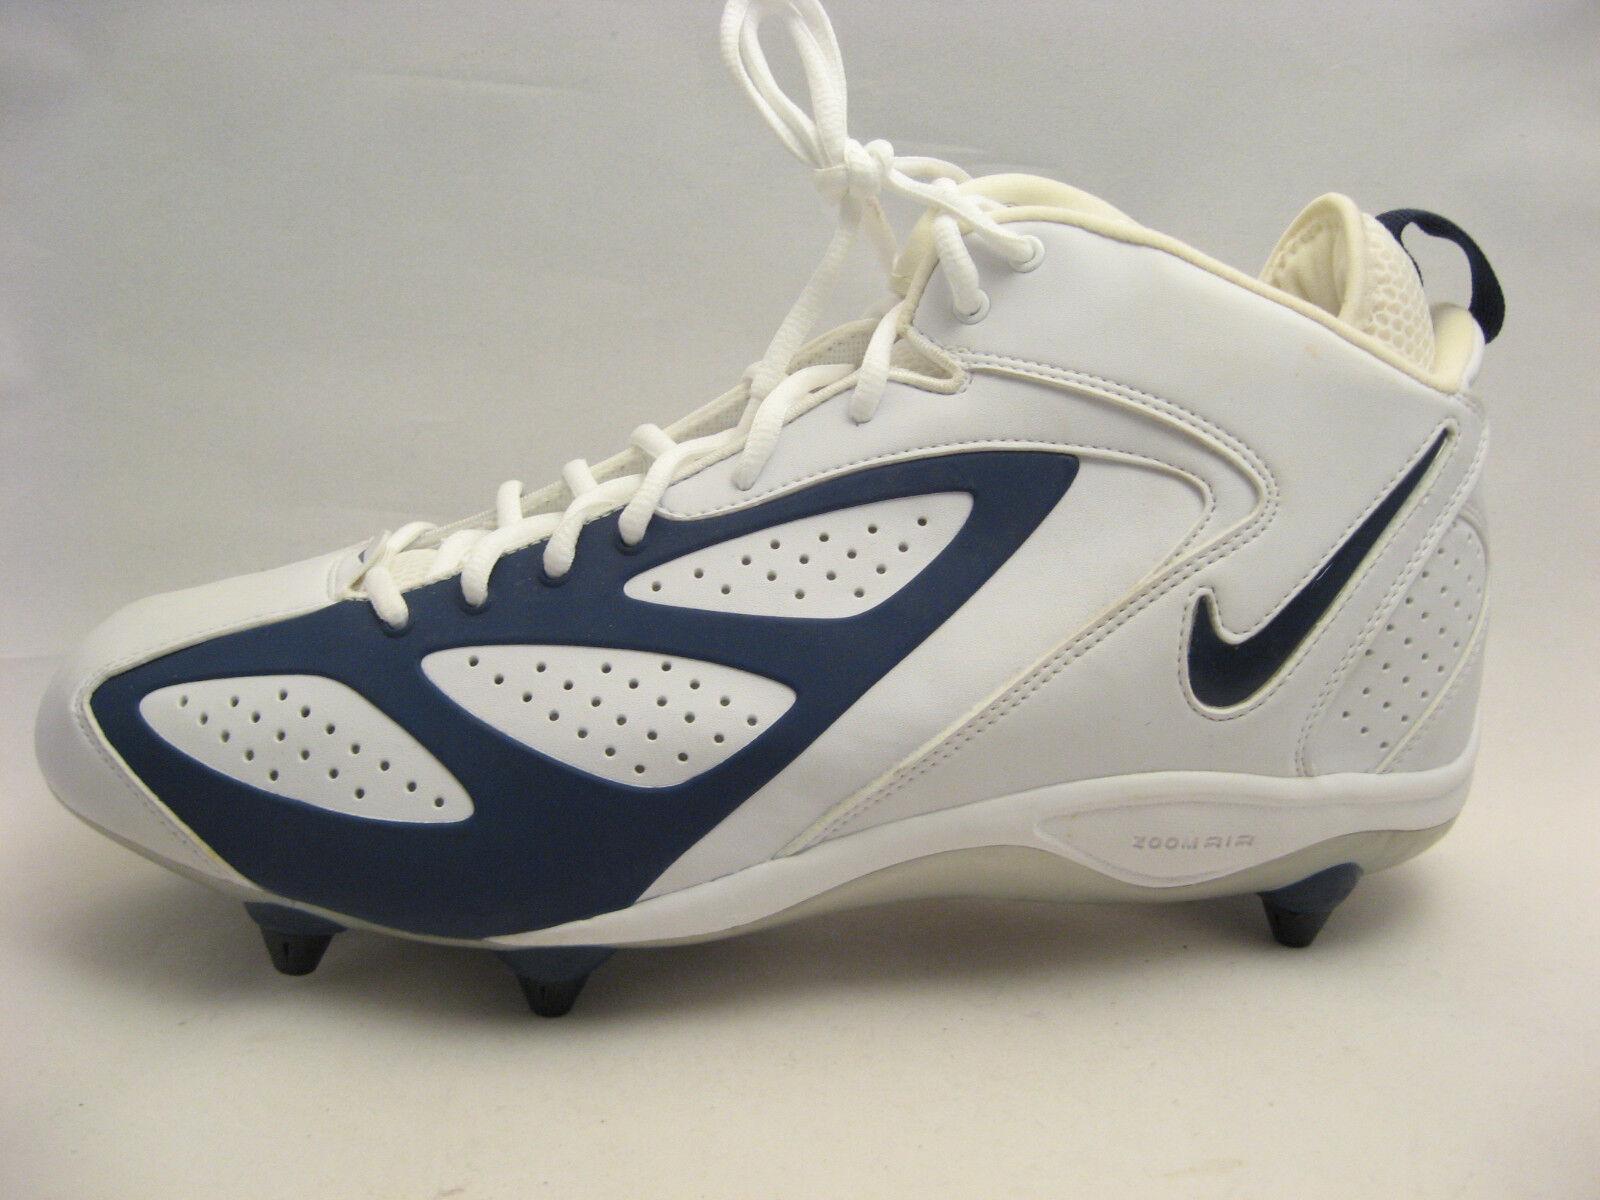 Nike Air Zoom Blade D blu Footbtutti Cleats 15 bianca Navy blu 308359-141 nuovo  95 Sautope classeiche da uomo